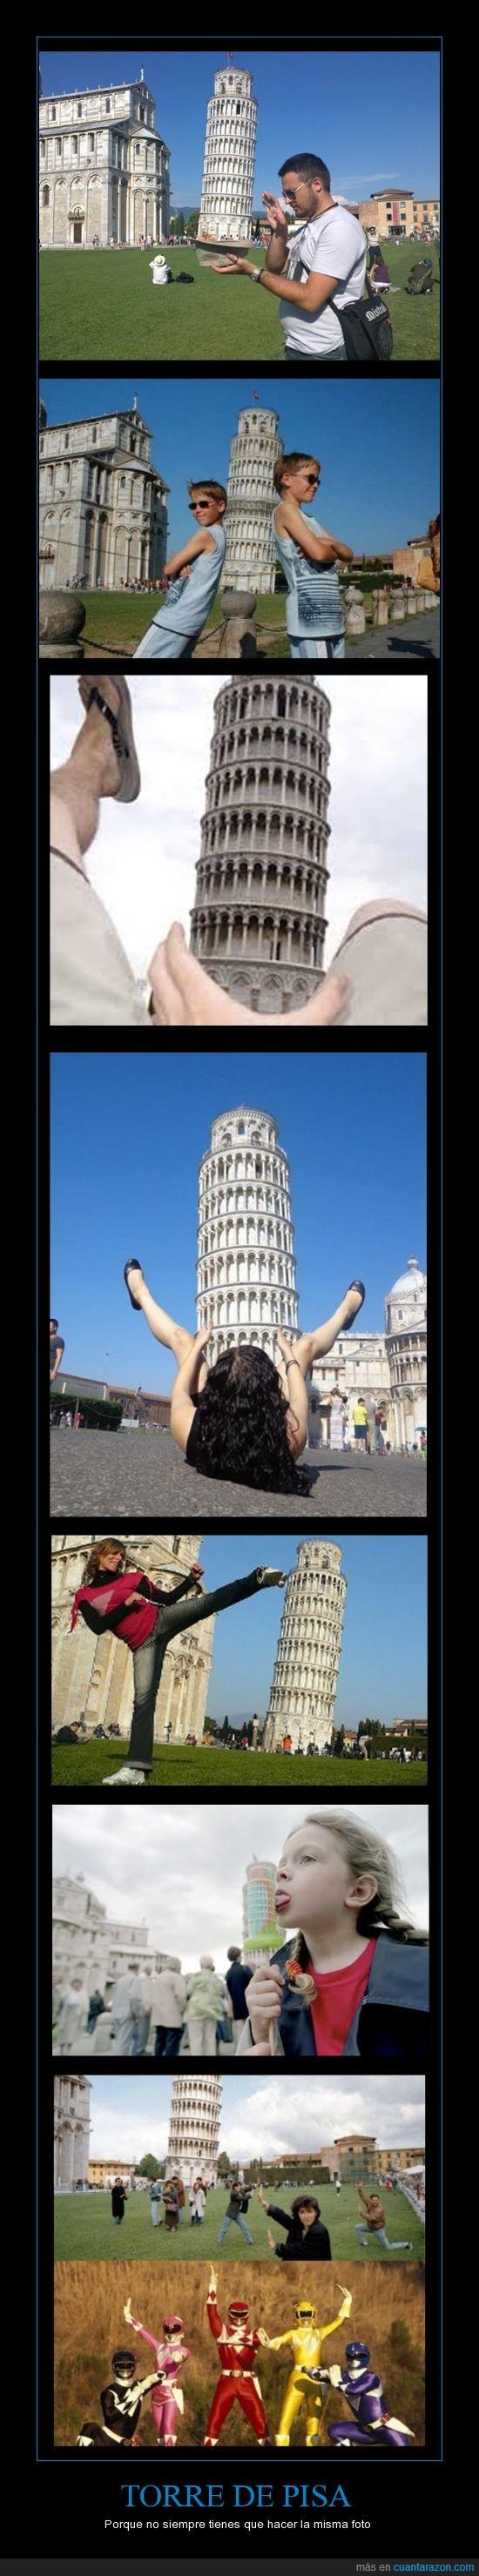 fotos,originales,power rangers,siempre la misma pose,Torre de Pisa